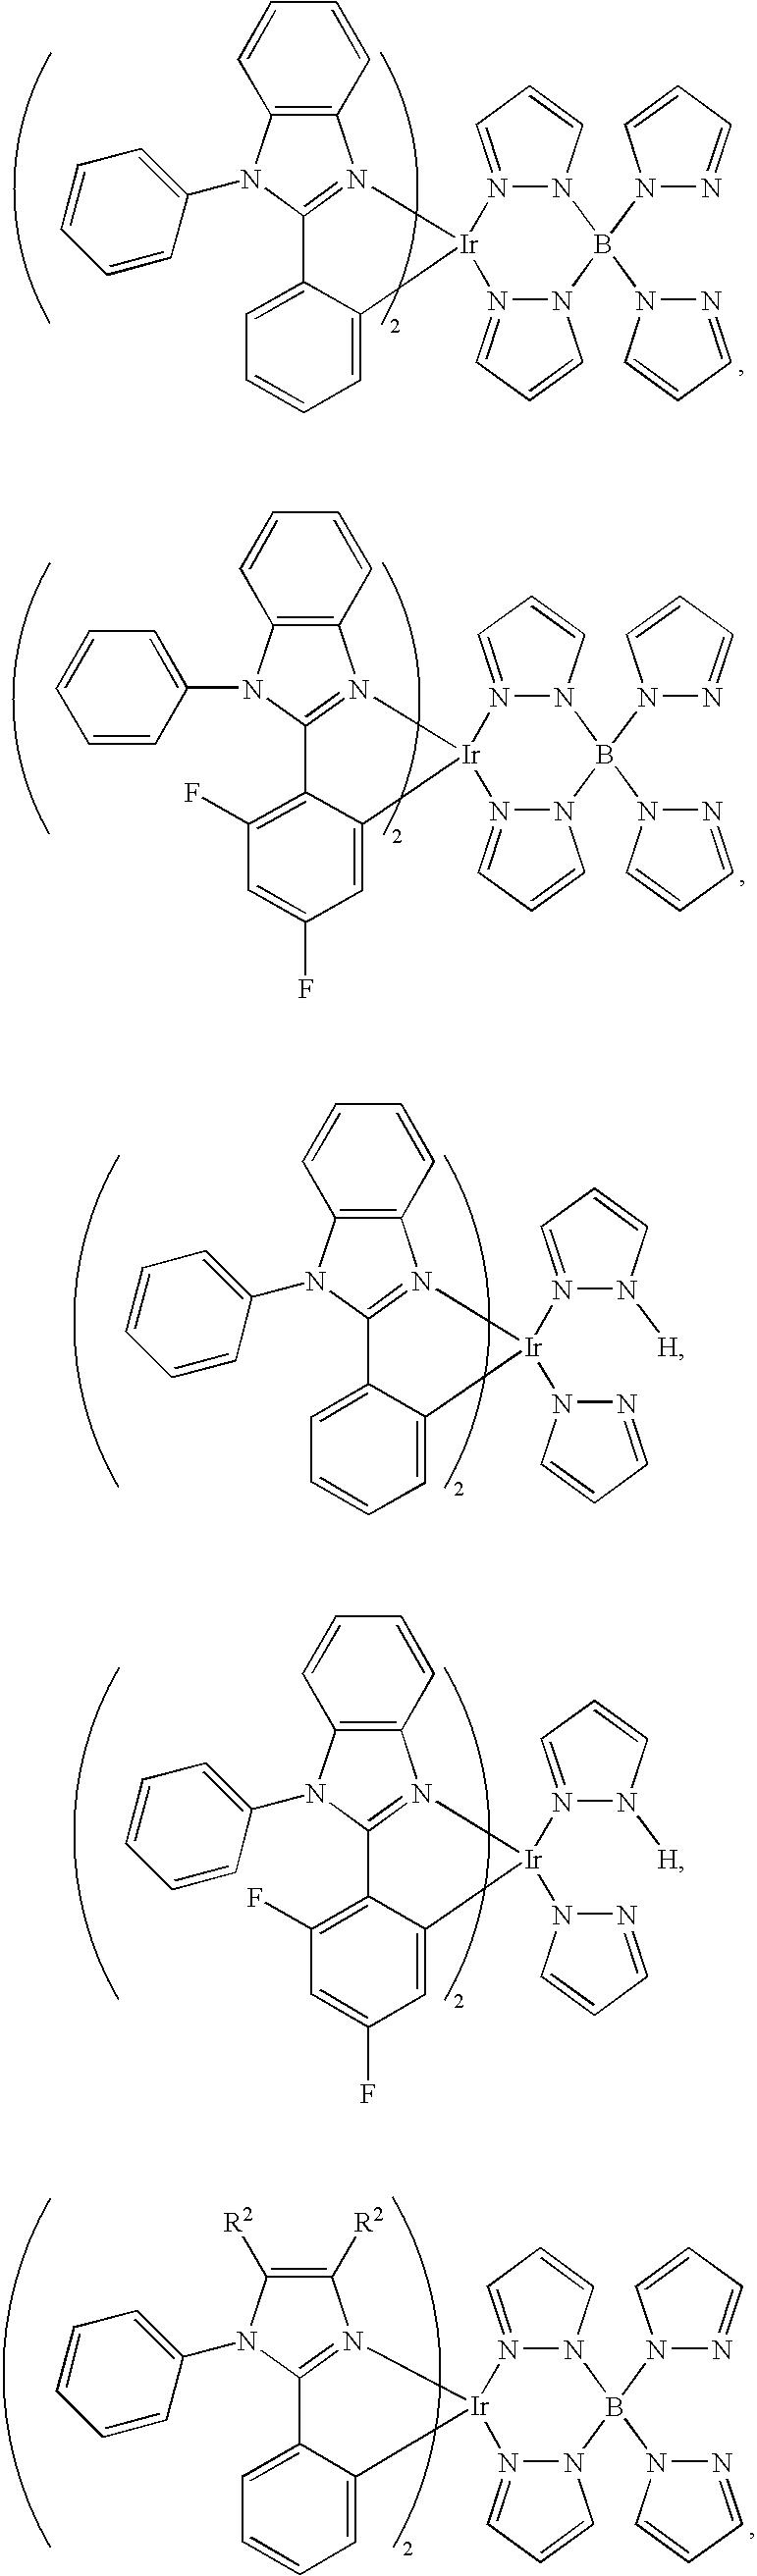 Figure US20060078758A1-20060413-C00014